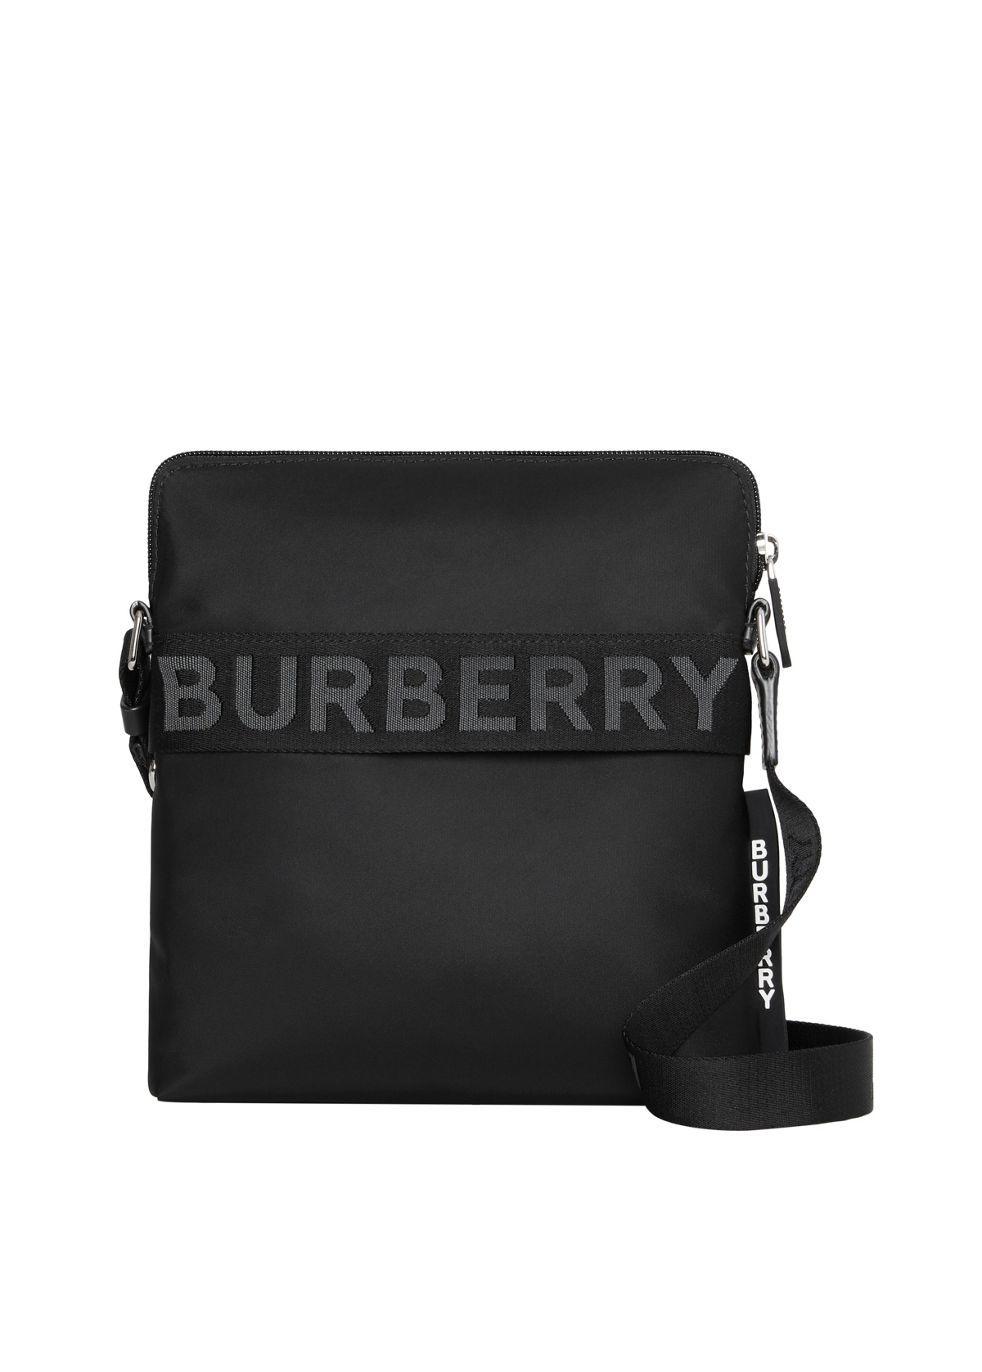 8a08c8c345 Men's Designer Leather Satchels - Harvey Nichols